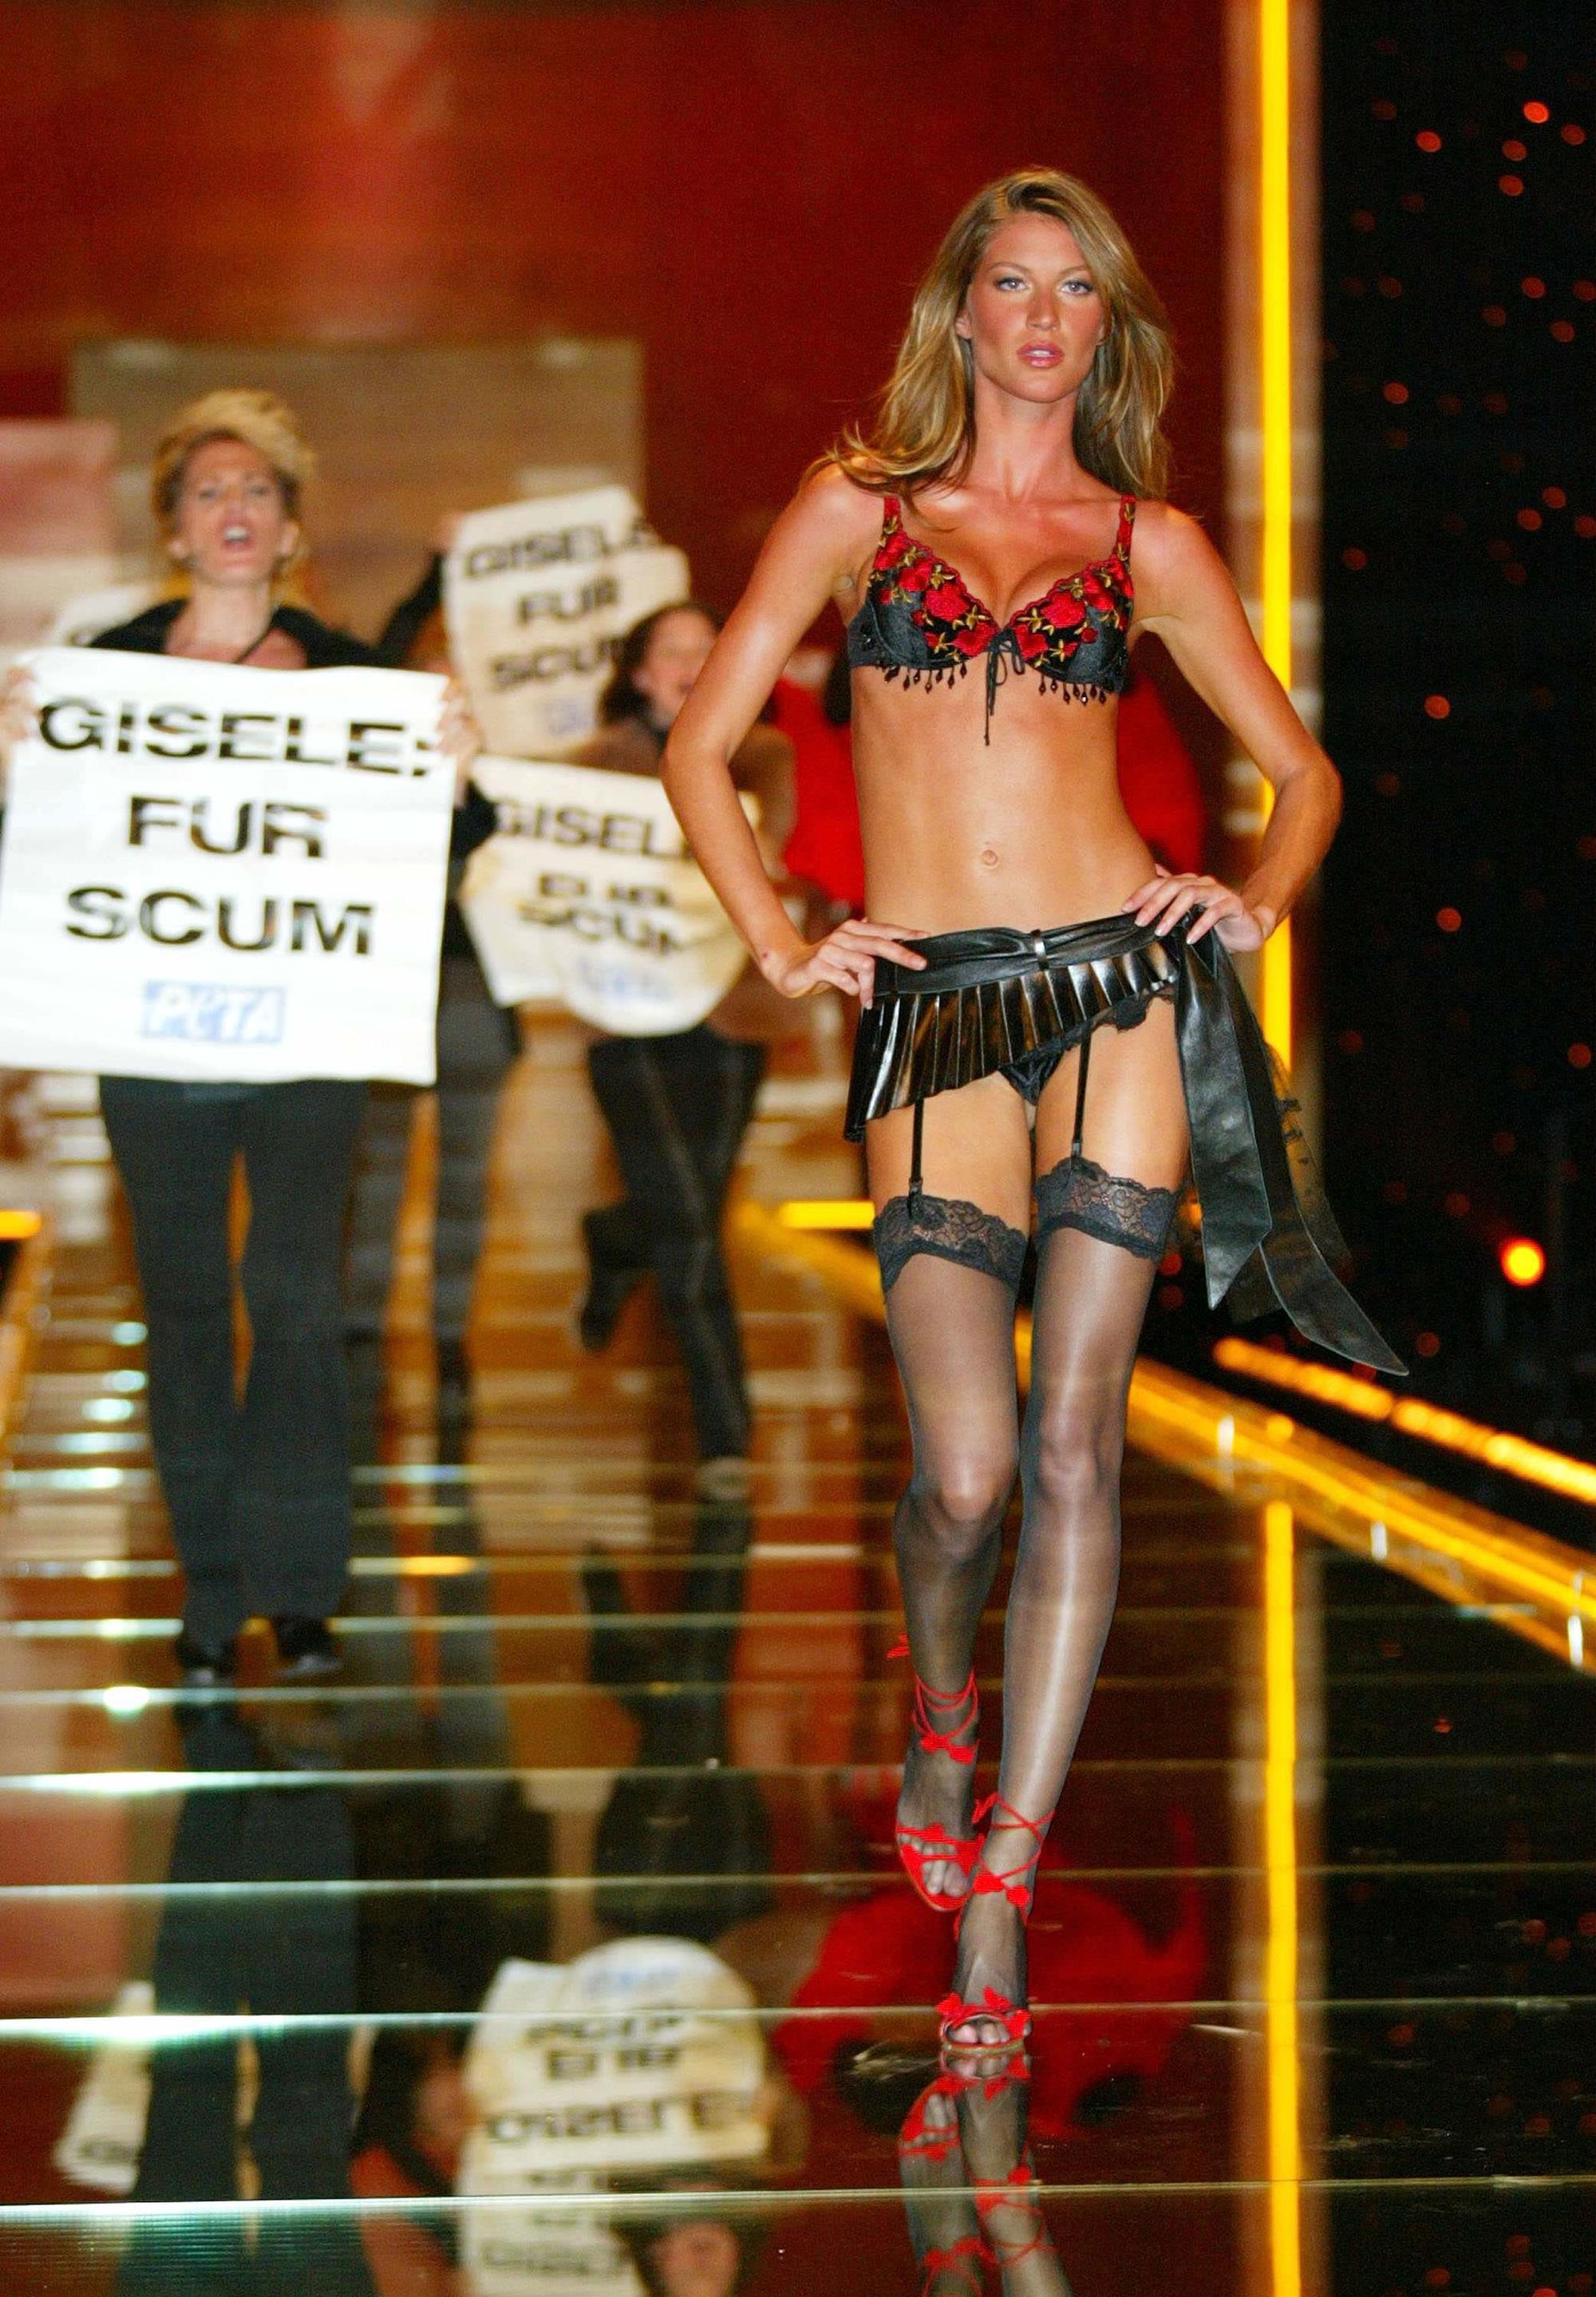 Loạt khoảnh khắc lịch sử của Victorias Secret Fashion Show: Từ sexy, thần tiên đến choáng ngợp đều có đủ, ai xem cũng khó mà kìm lòng - Ảnh 7.